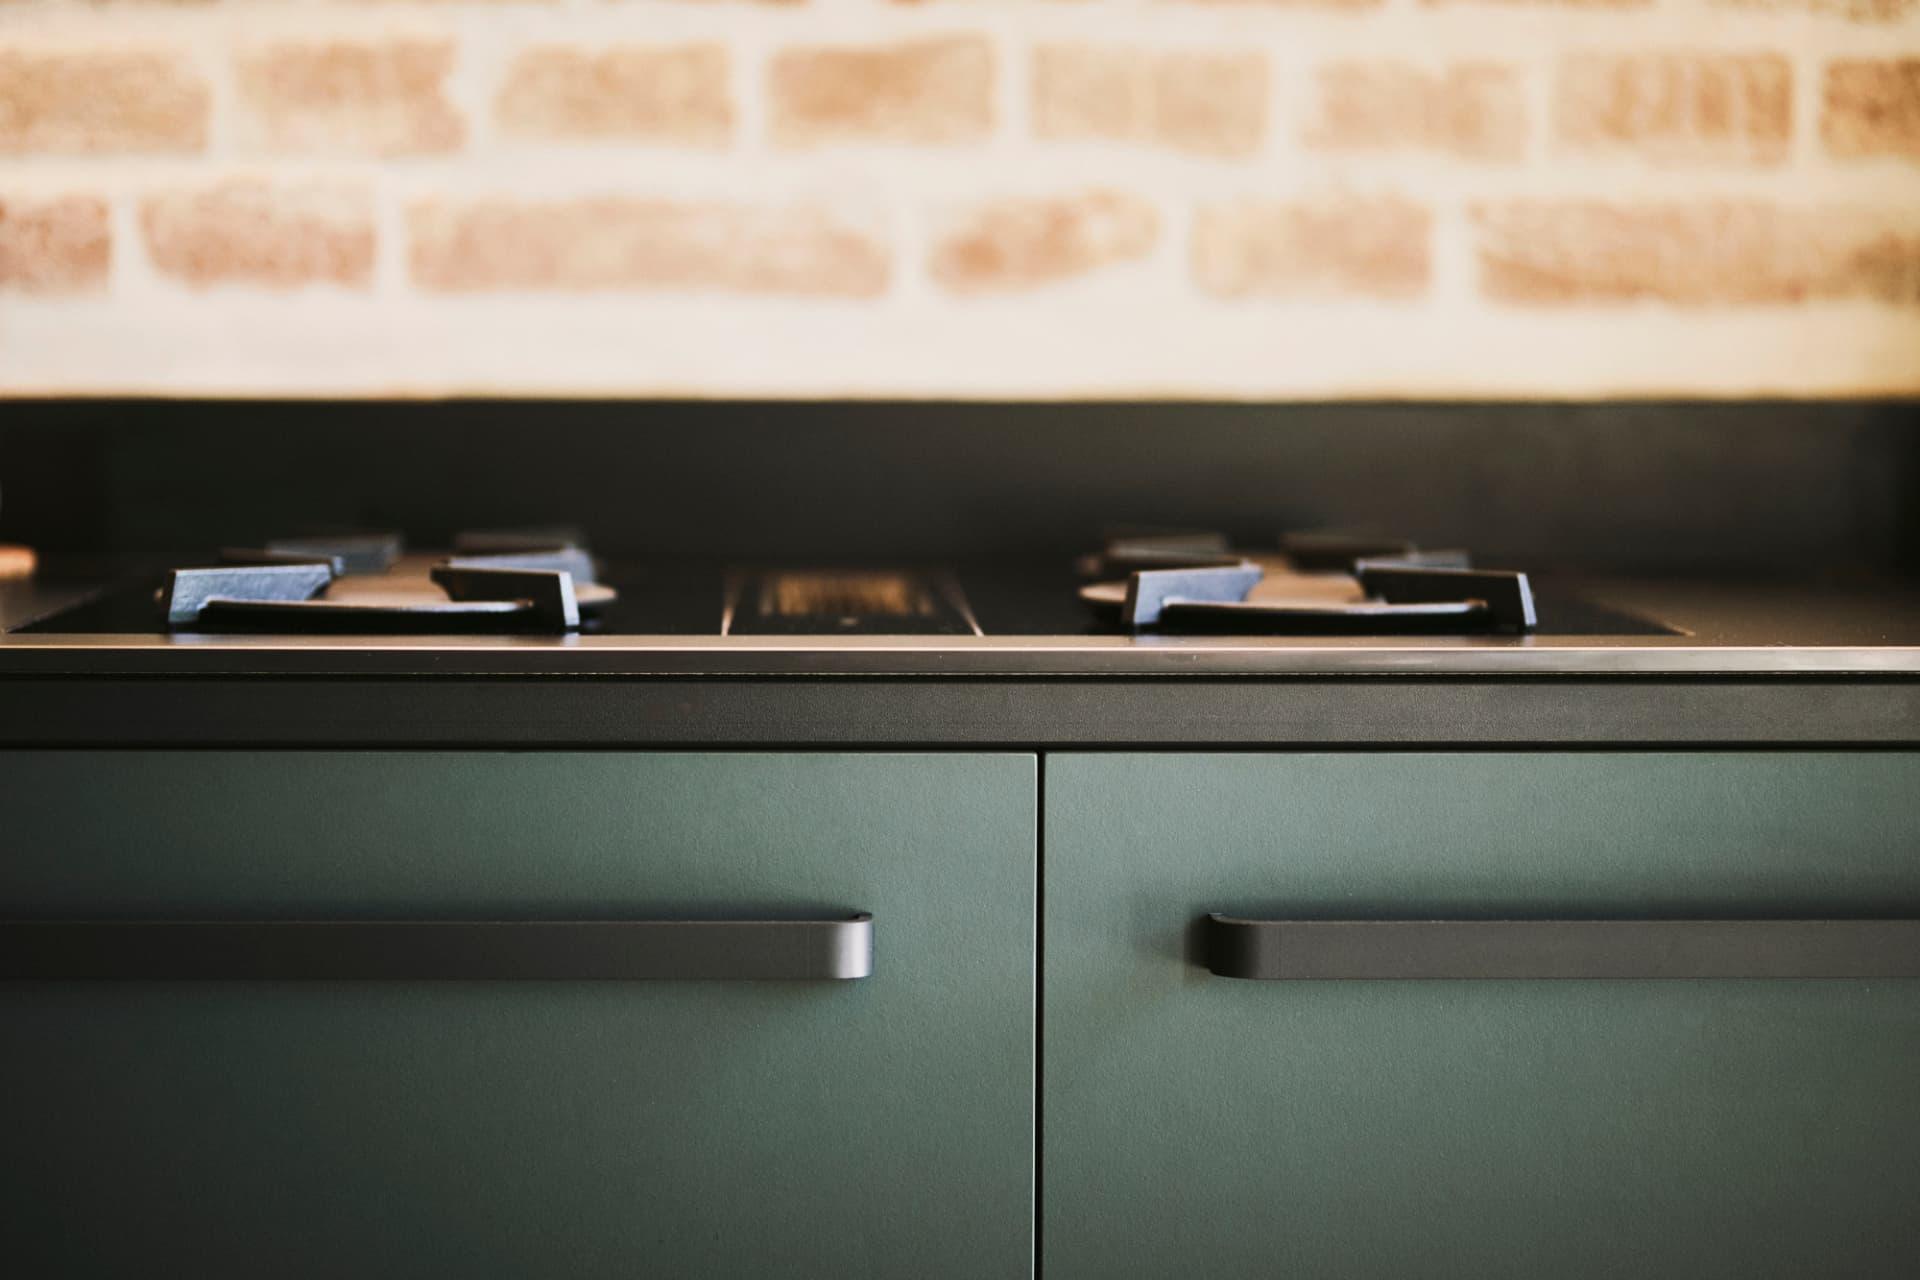 Detailaufnahmen-grüne-Linoleum-Fronten-keep-Küche-Gasfeld-schwarz